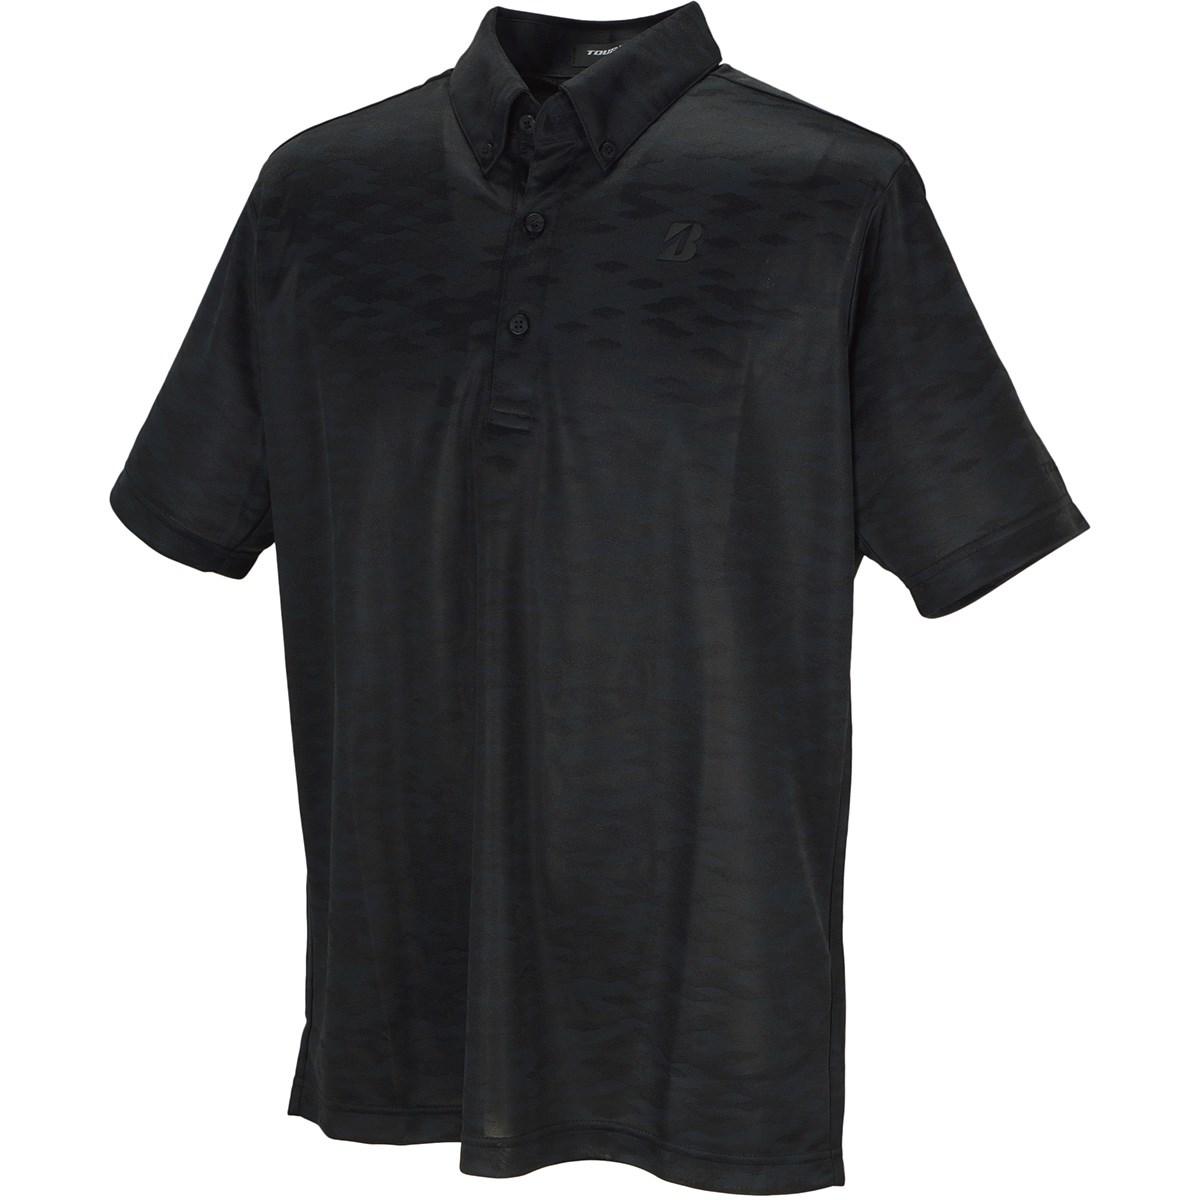 ブリヂストン TOUR B 半袖ボタンダウンポロシャツ M ブラック